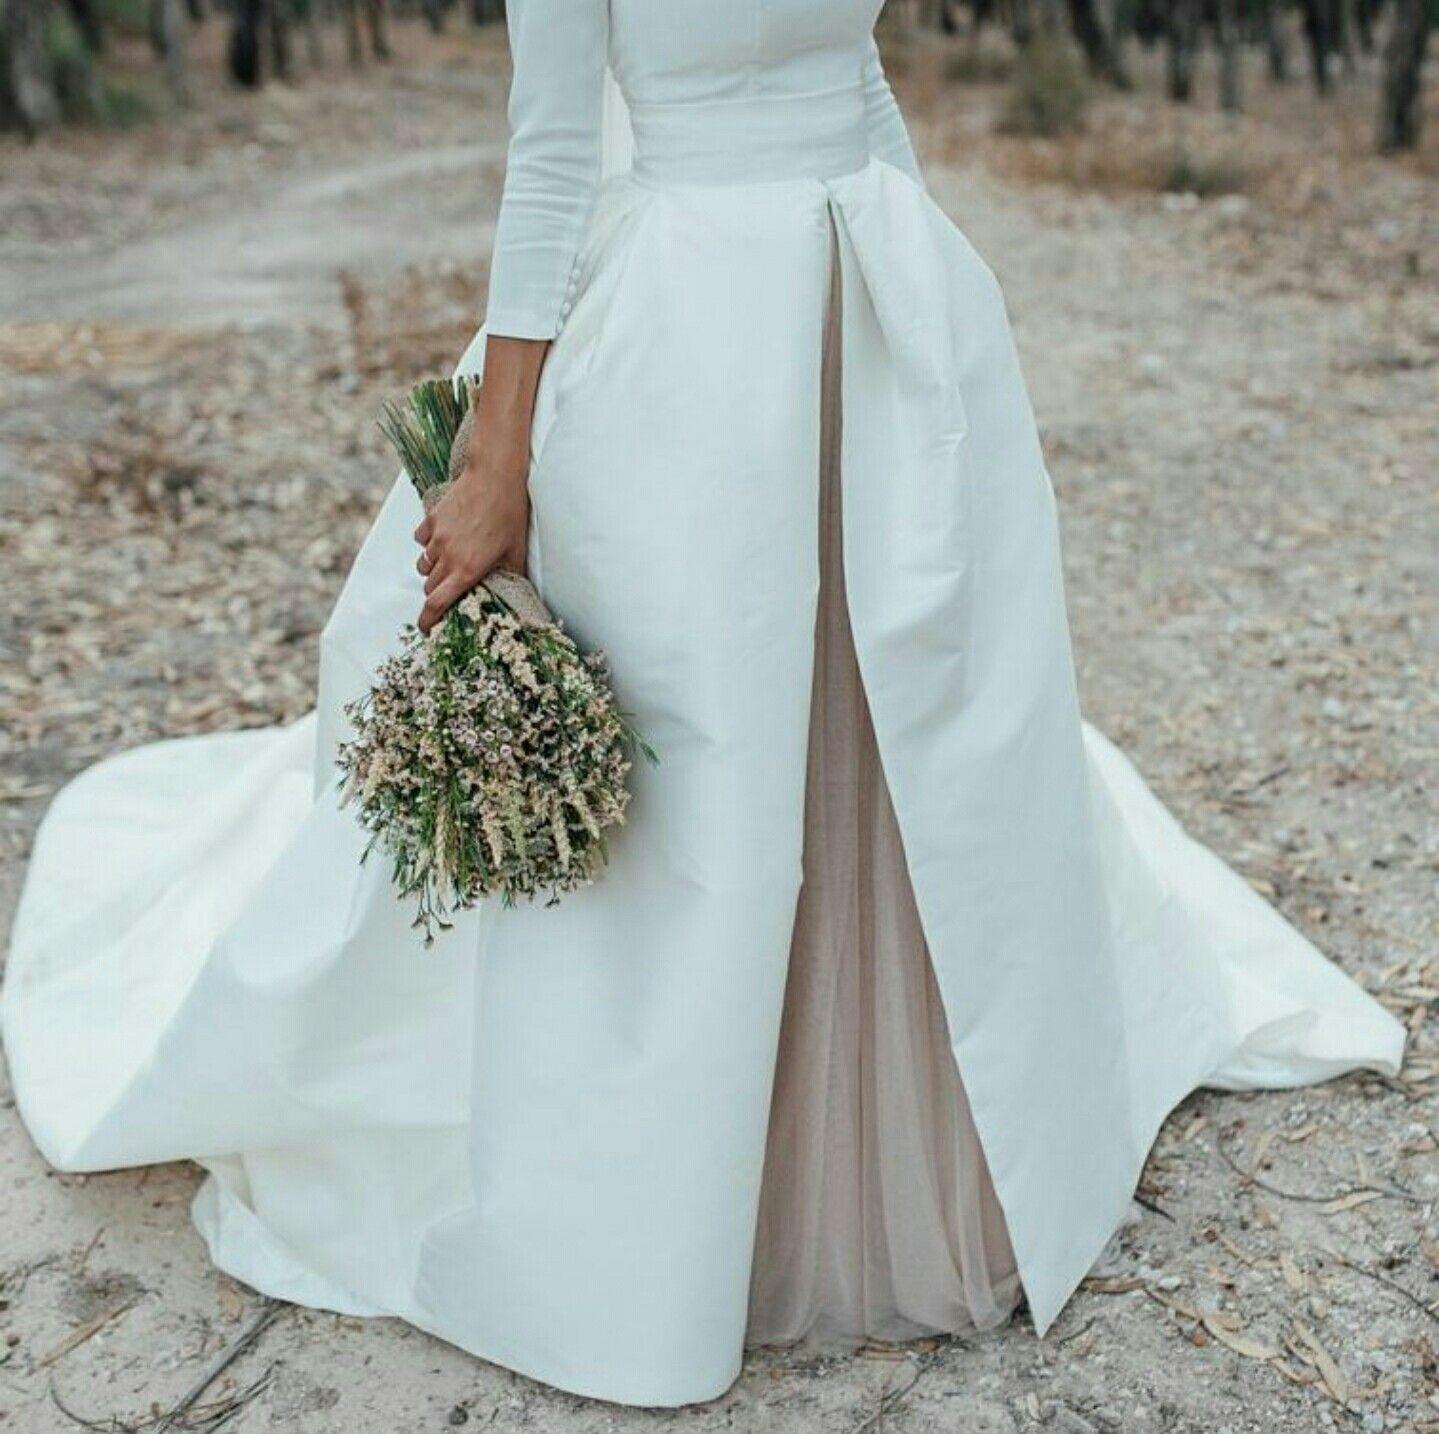 Pin de Anuka en Bodas | Pinterest | La trastienda, Flores de boda y ...